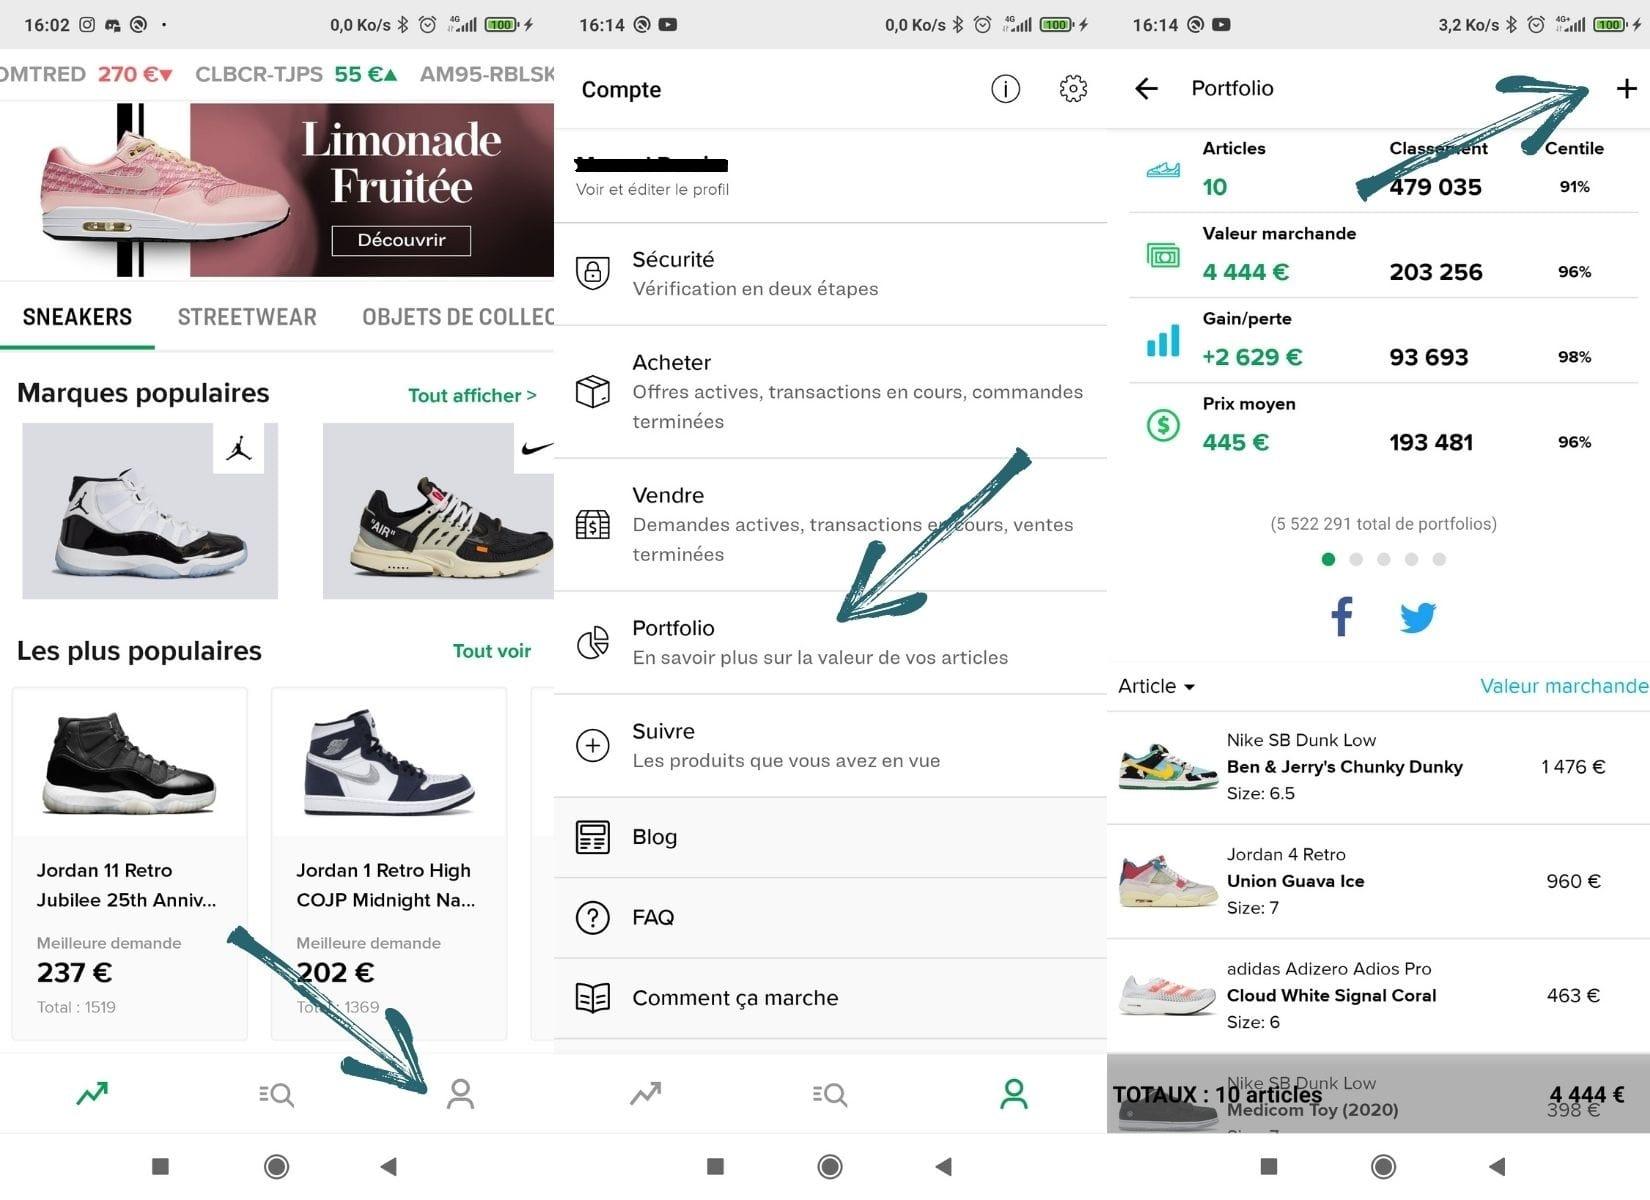 Différentes captures d'écran du Portfolio de Stockx afin de gérer la vente de tes paires de sneakers